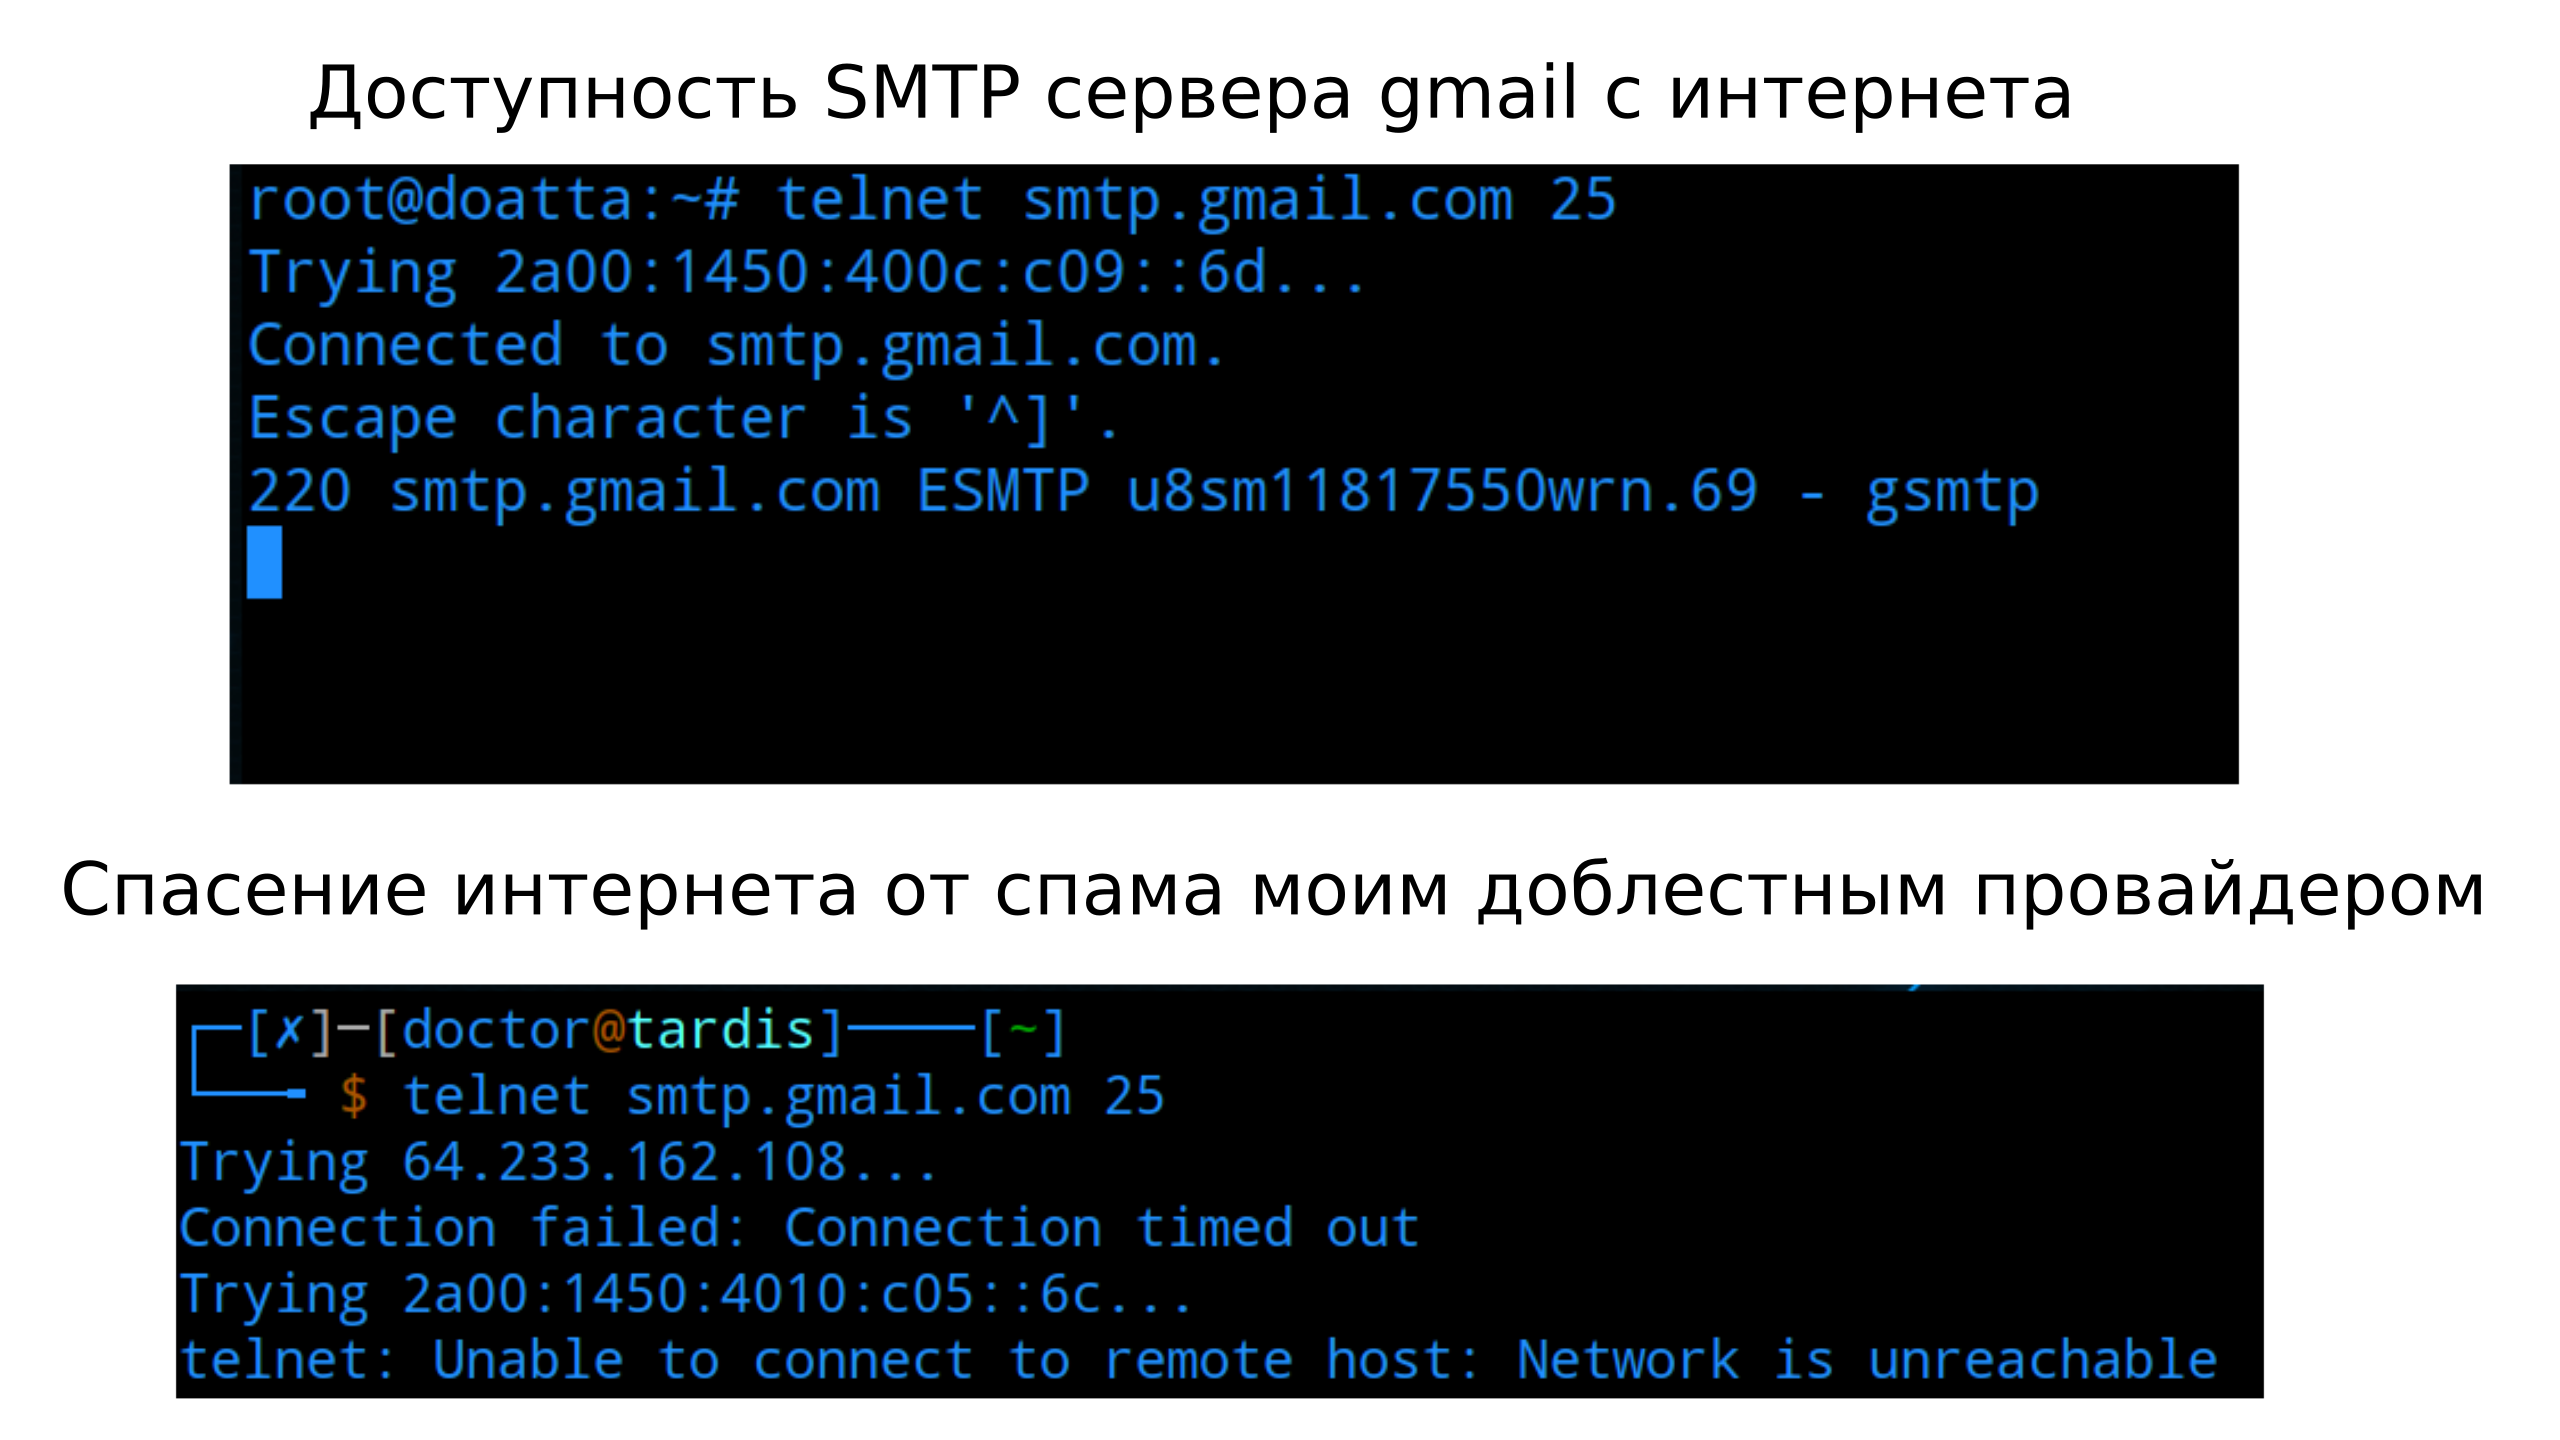 Про порты и шифрование в почтовых серверах — IT-МИР. ПОМОЩЬ В IT-МИРЕ 2021